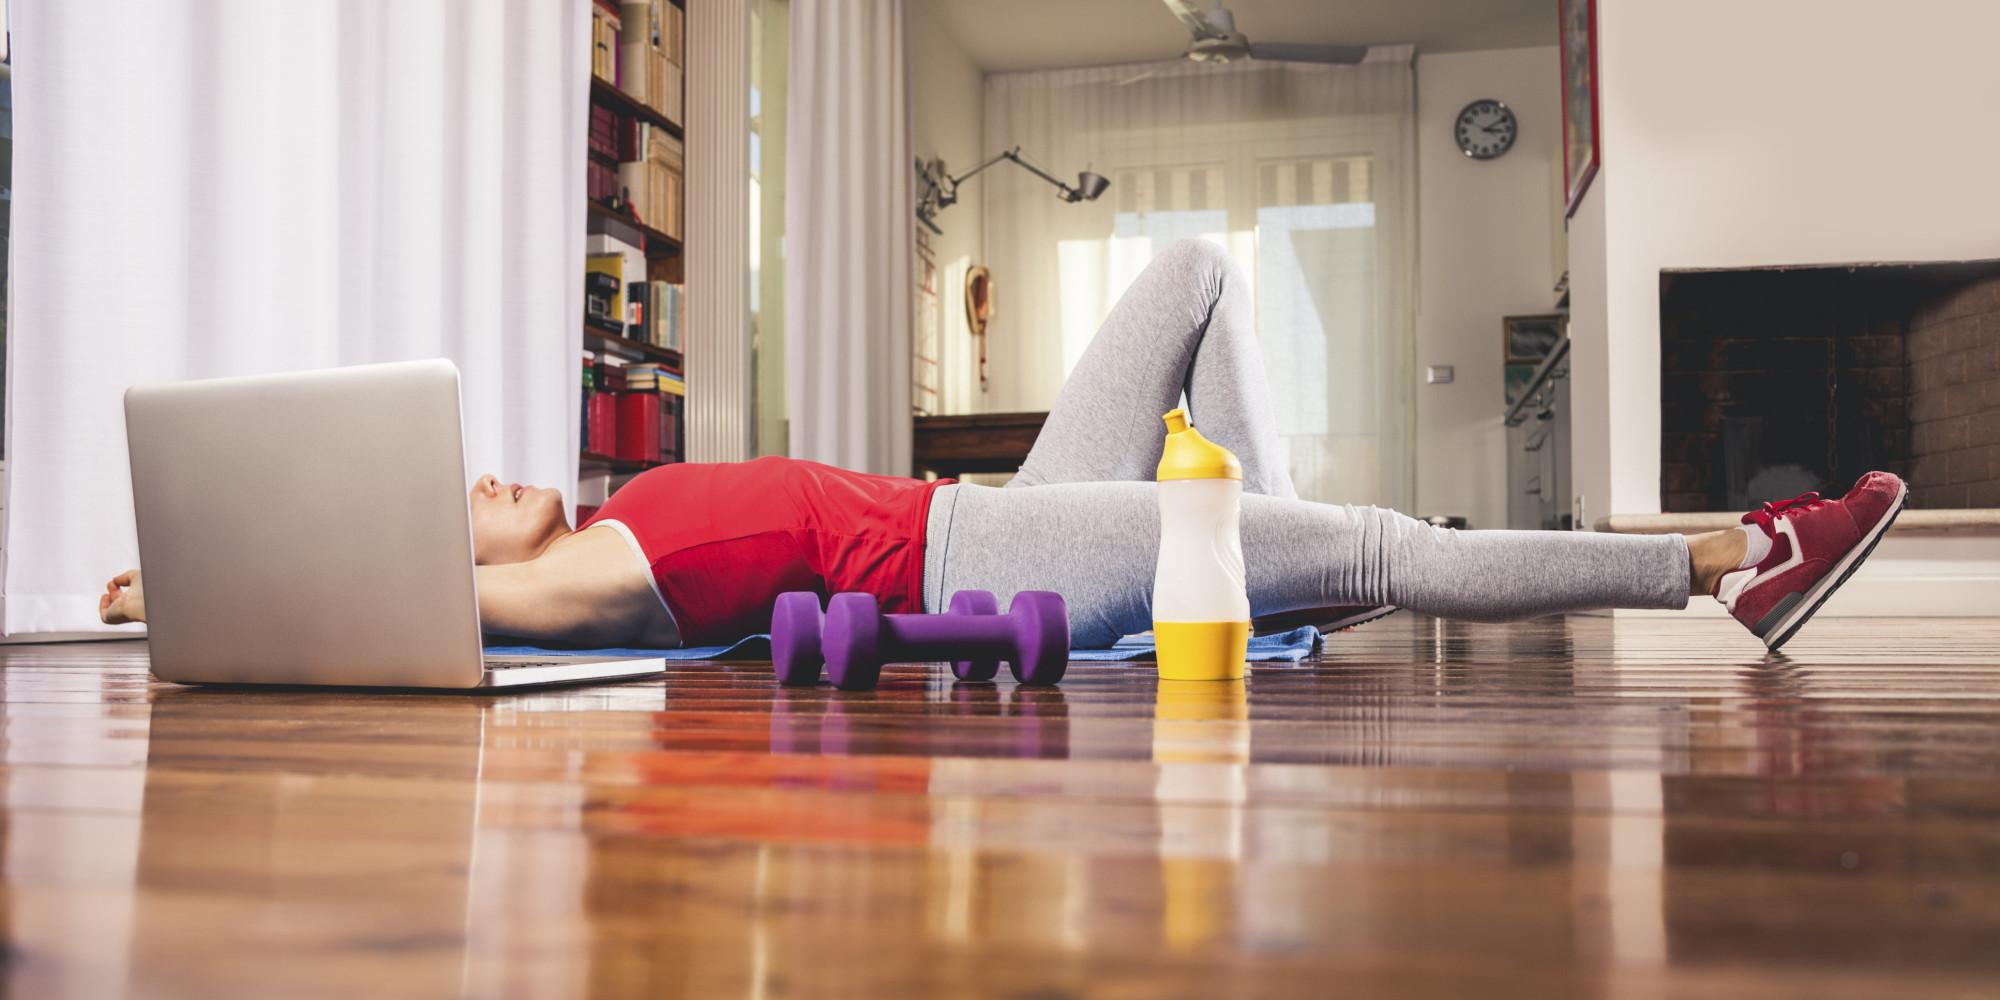 Top 10 Hottest Celebrity Diet Plans | Lizzy d | Pinterest ...